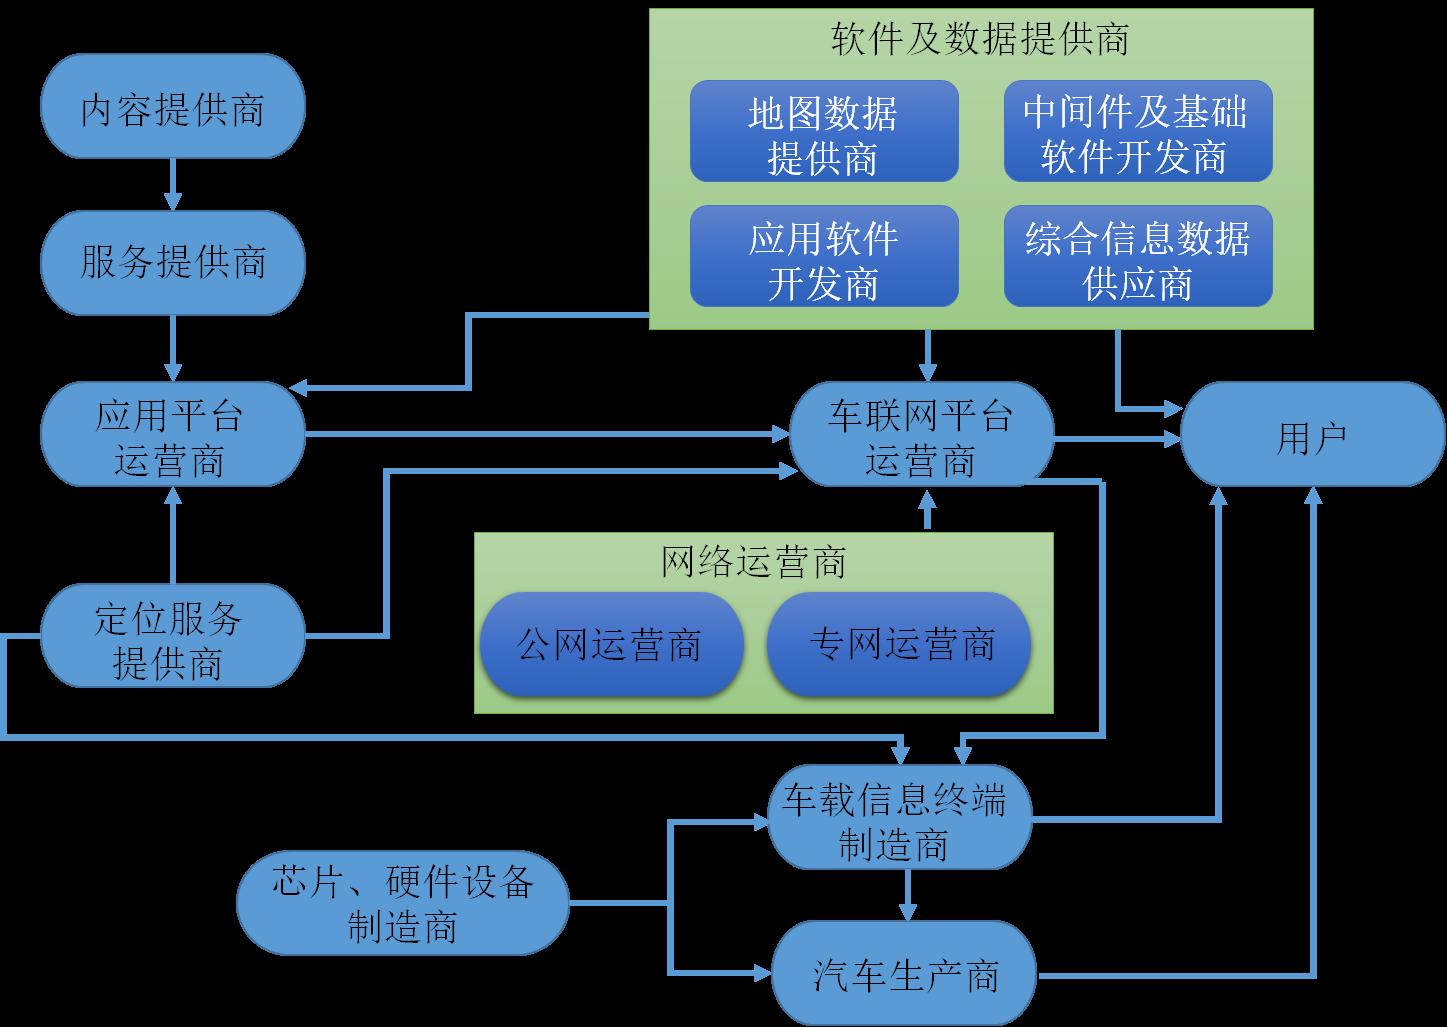 图1:车联网产业链布局图-智慧城市五大能力平台支撑车联网创新运营